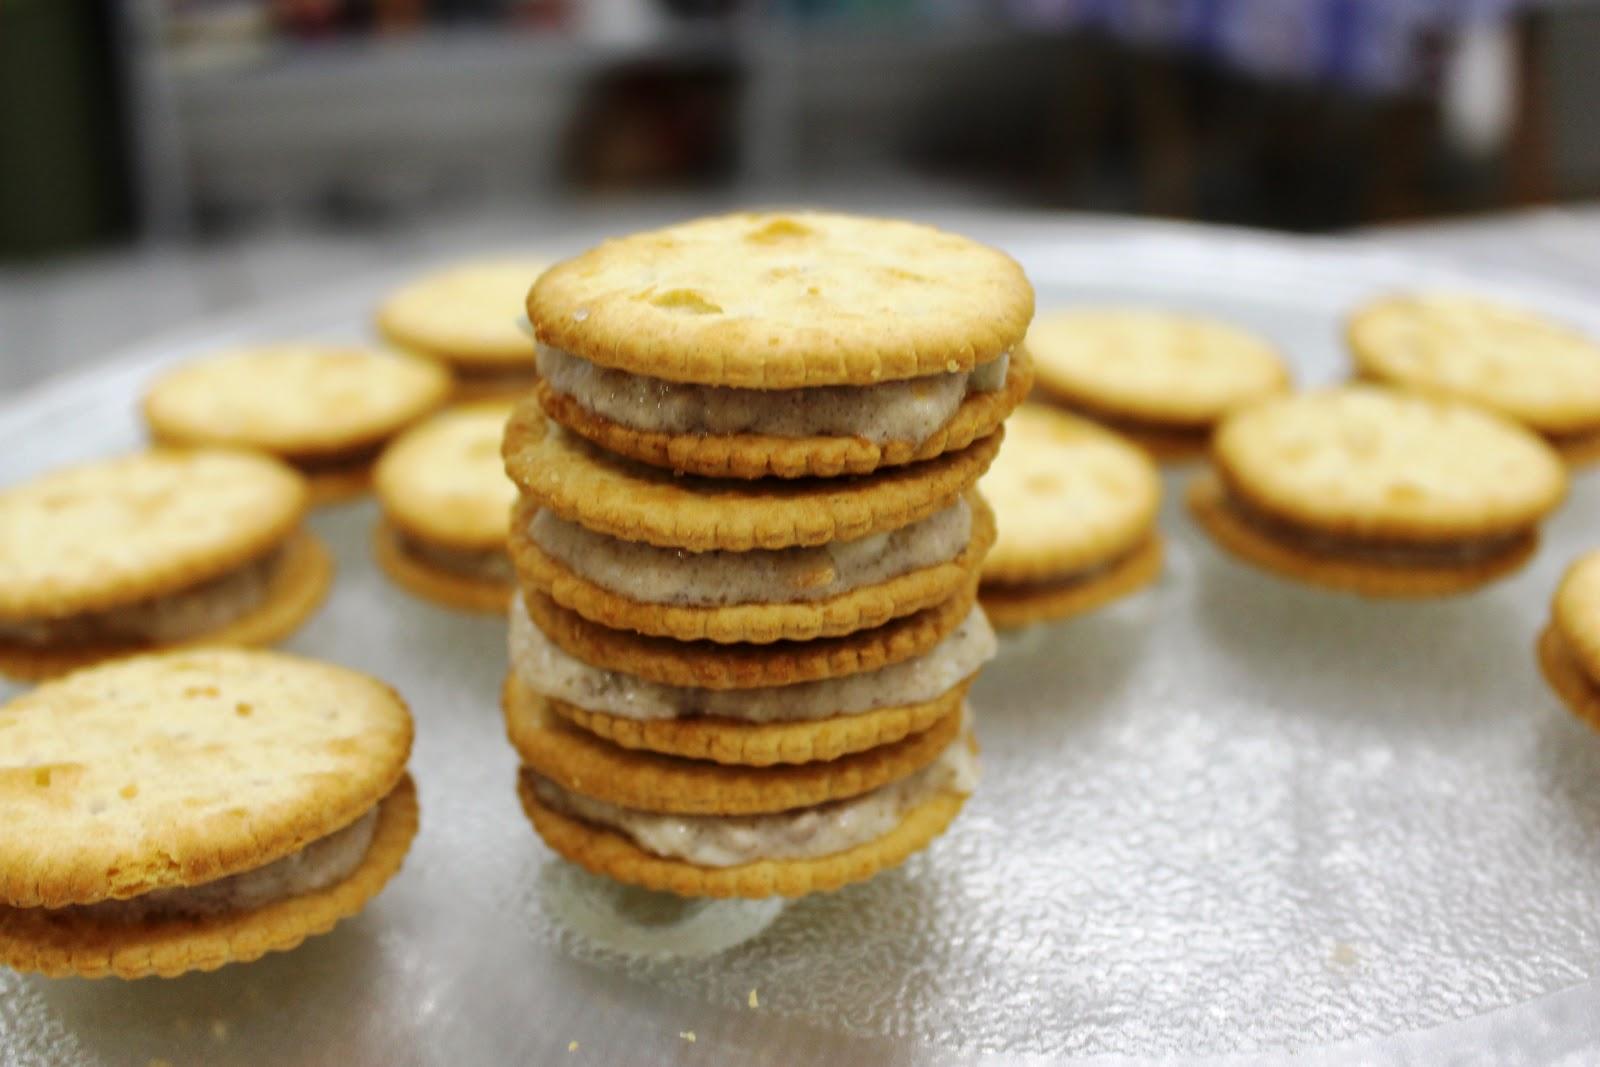 Mely's kitchen: Tuna Cracker Sandwich